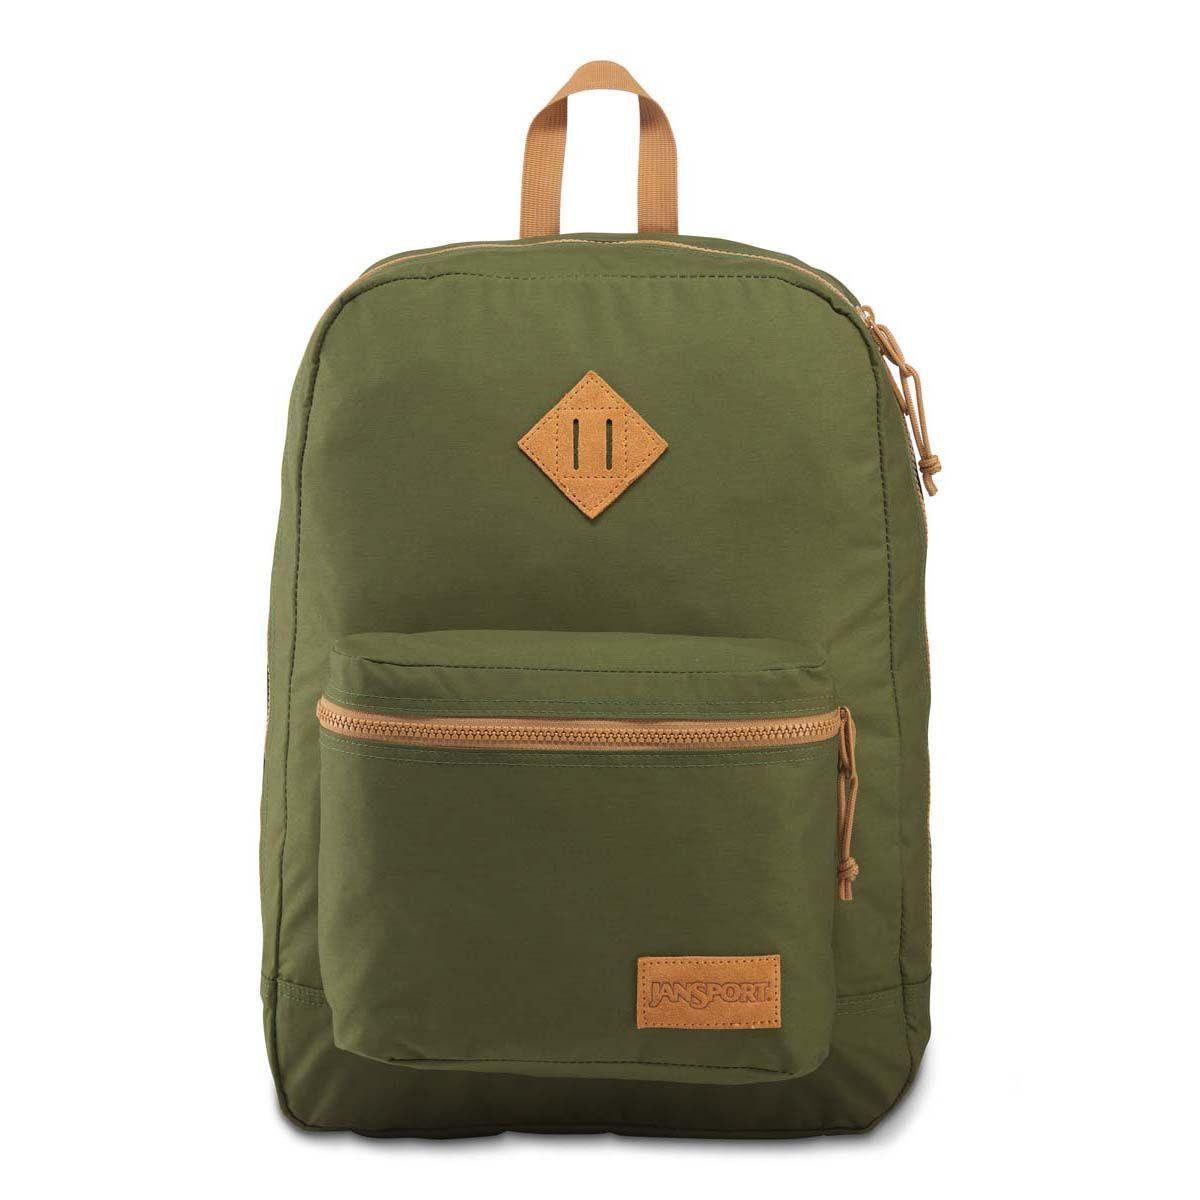 JanSport Super Lite Backpack in New Olive Green/Dijon Brown